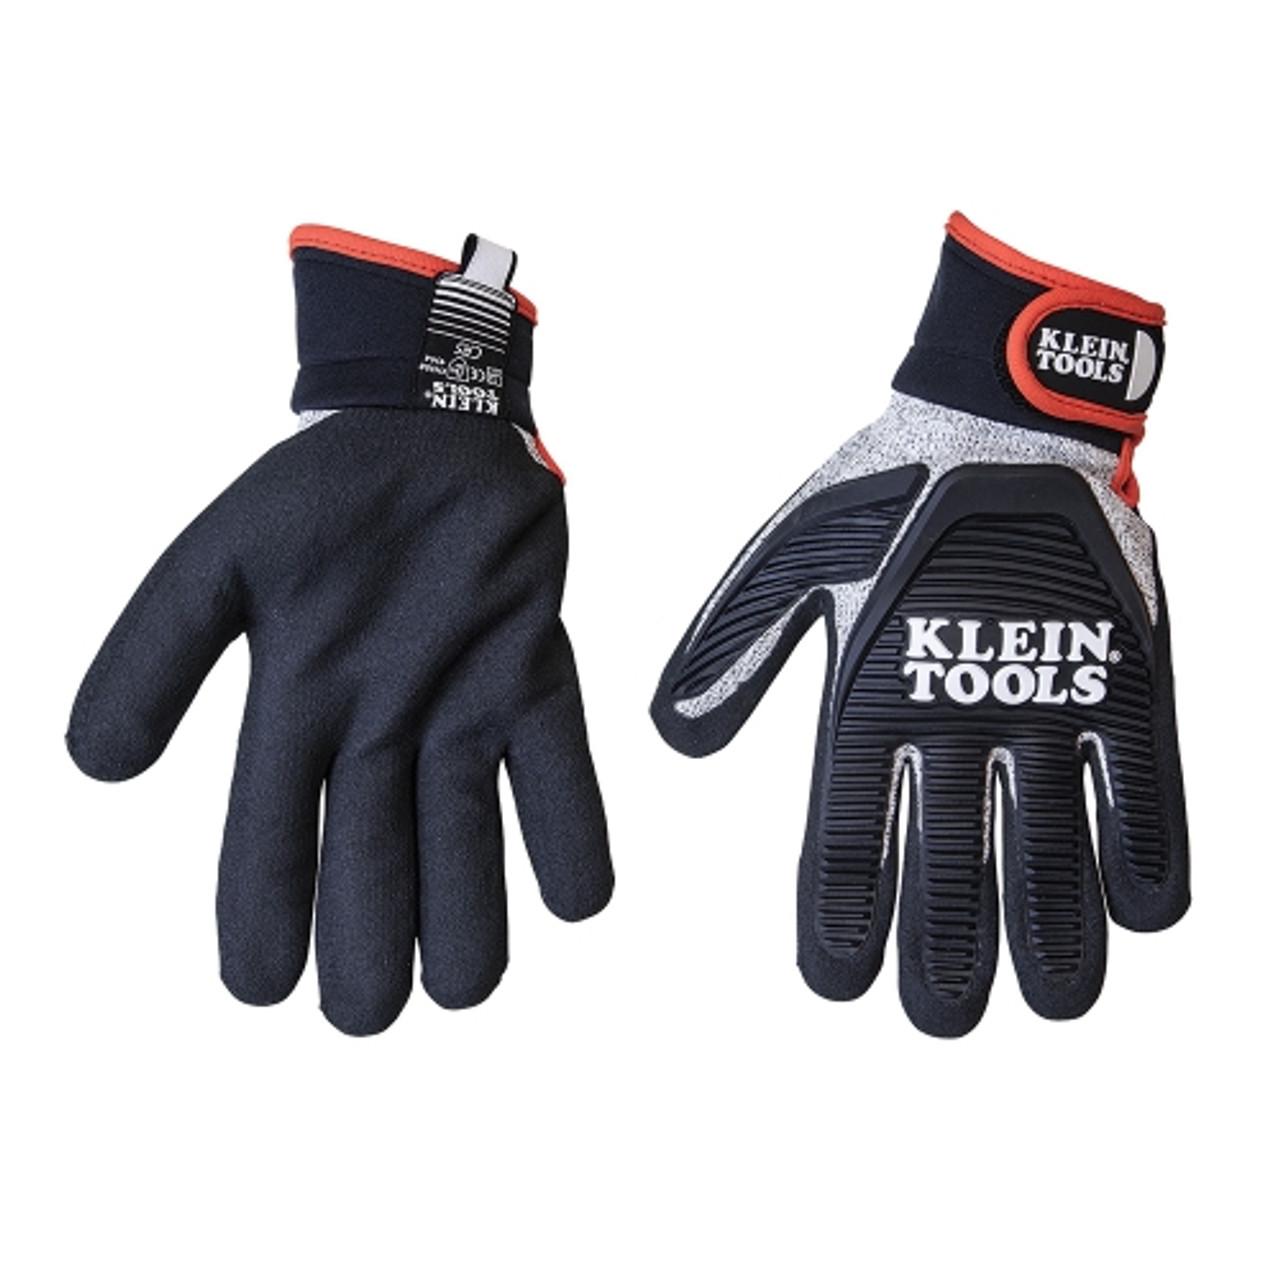 Klein 40223 Journeyman Cut 5 Resistant Gloves, Medium